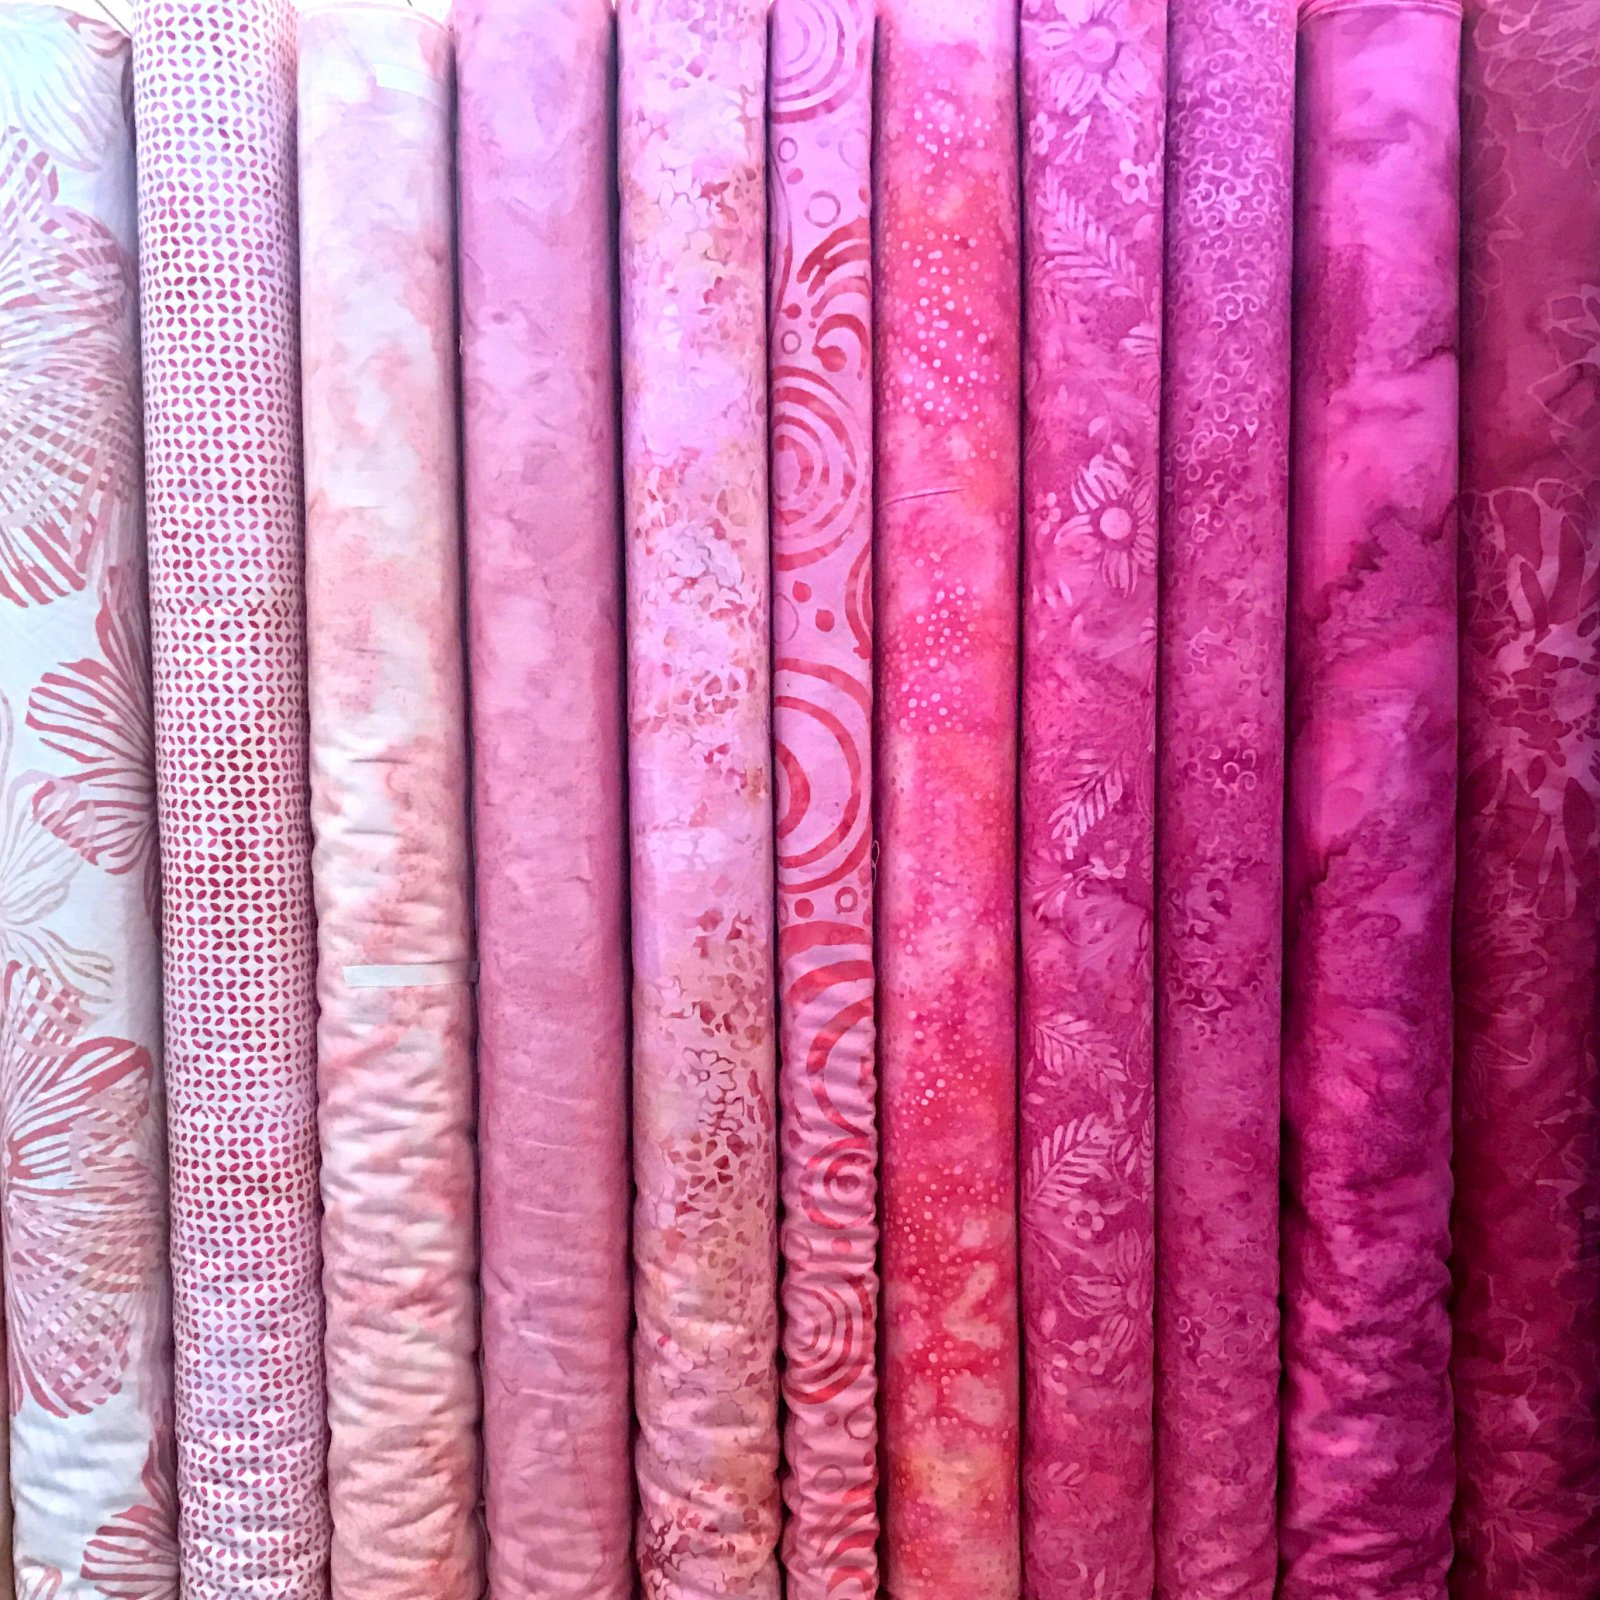 Bubblegum Pink Batiks Fat Quarters - 11 FQ's